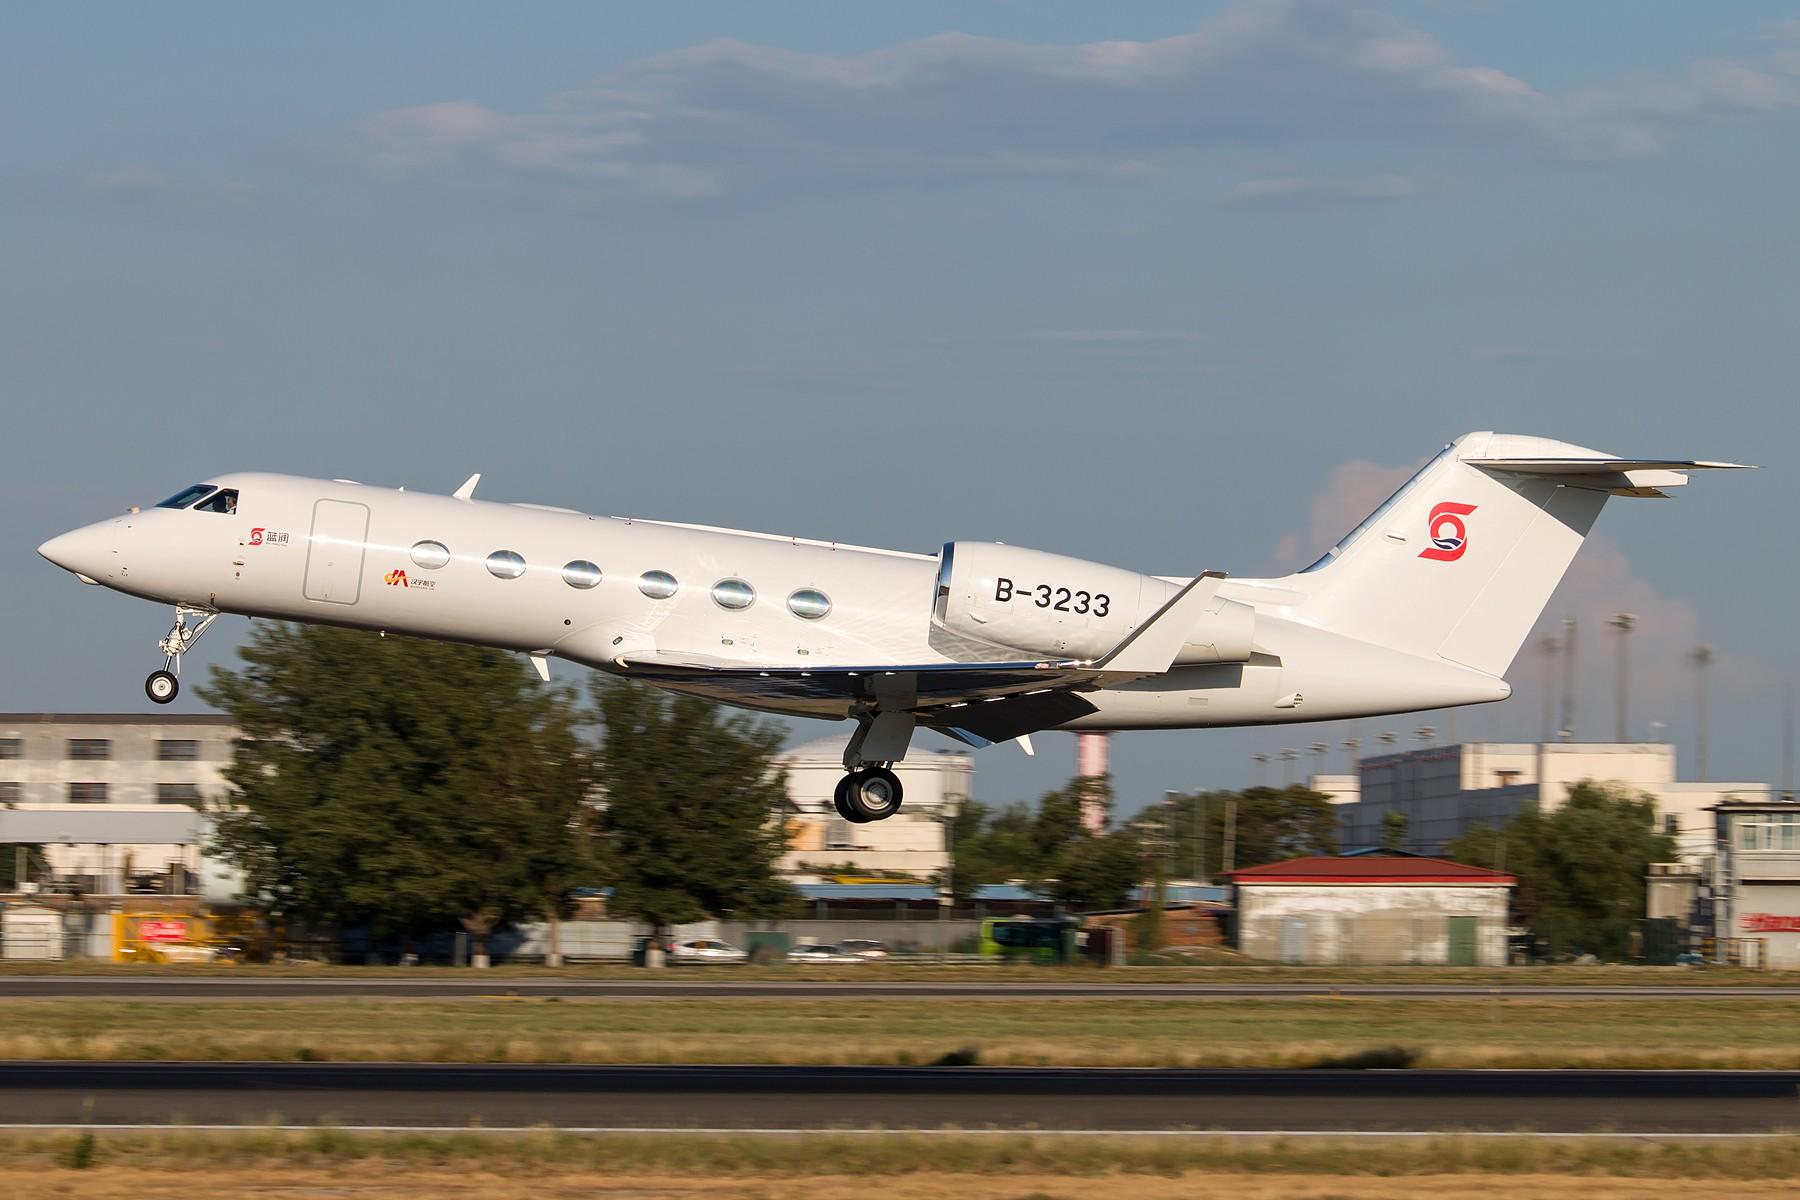 [原创][一图党] B-3233 1800*1200 GULFSTREAM G450 B-3233 中国北京首都国际机场